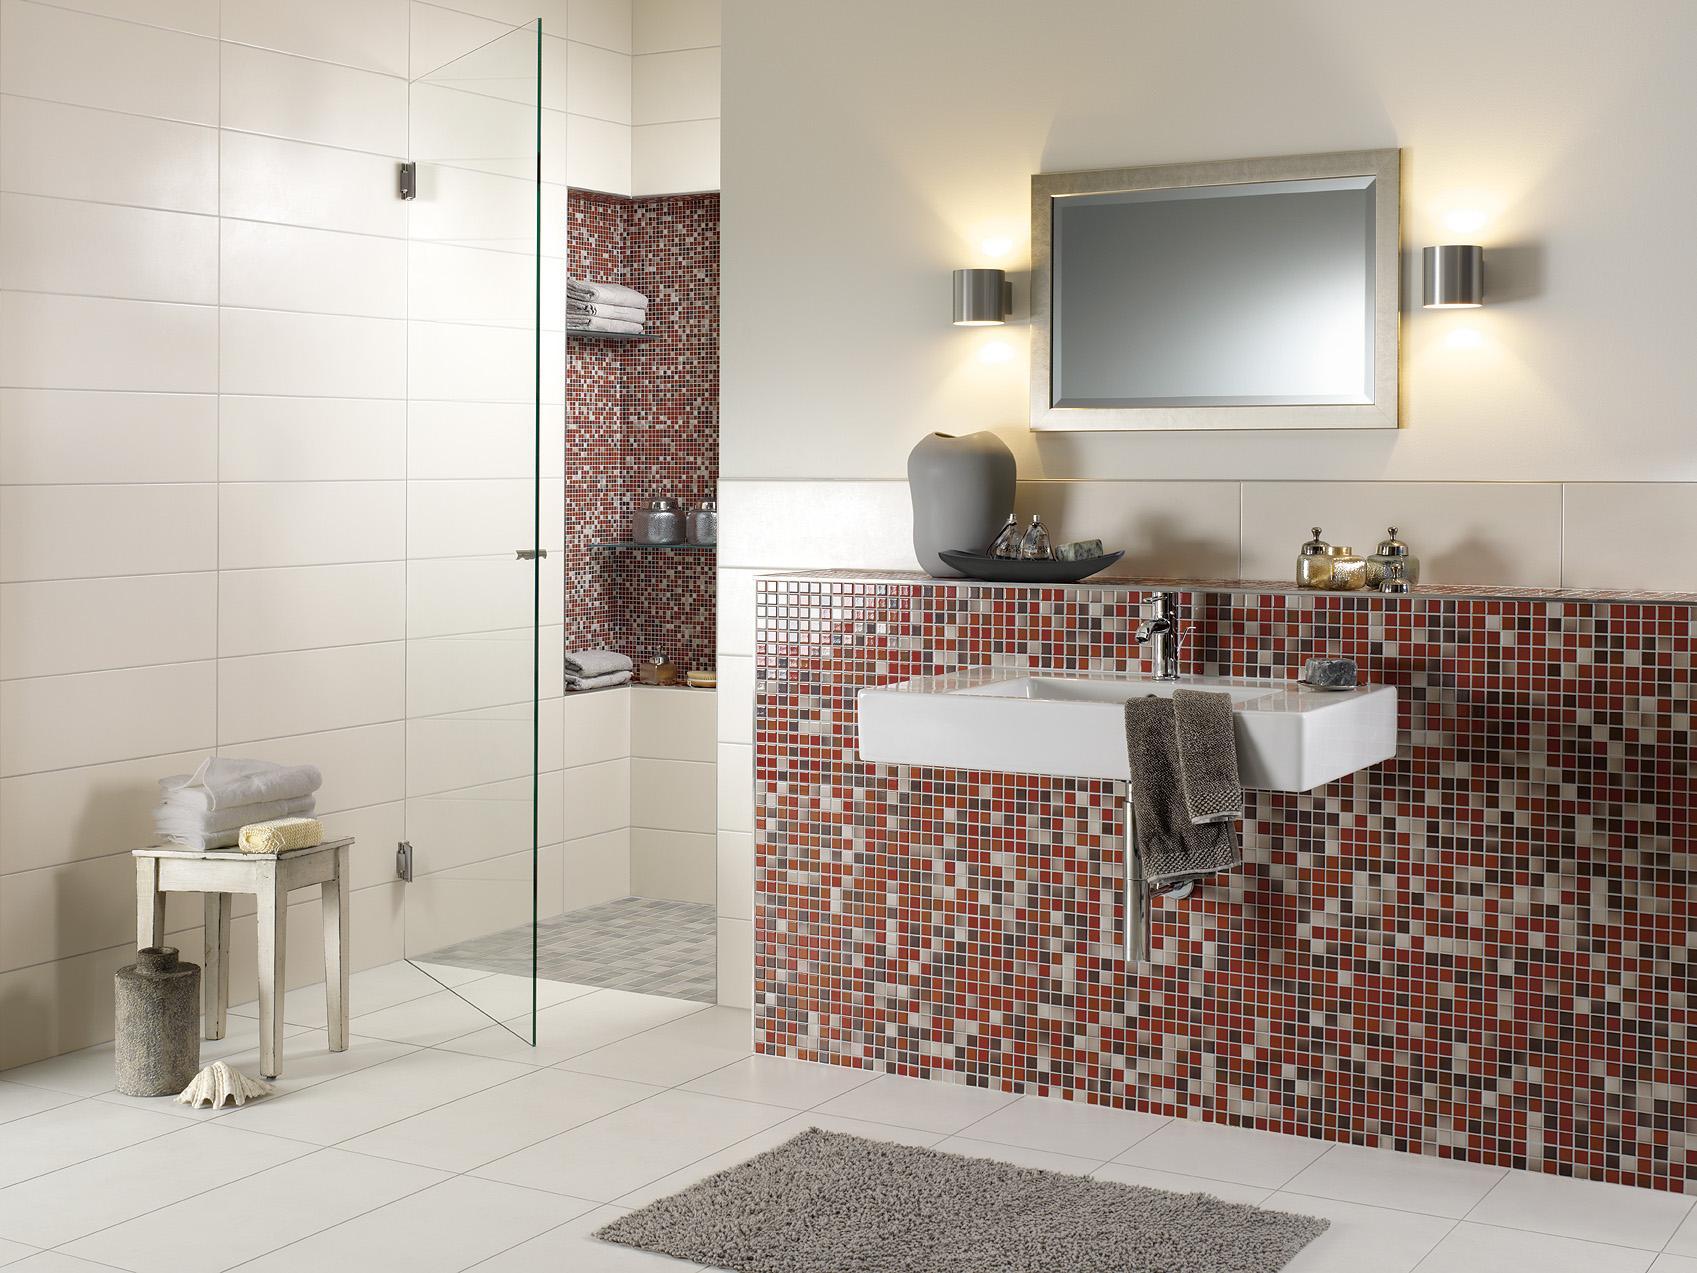 Mosaikfliesen Badezimmer • Bilder & Ideen • Couchstyle